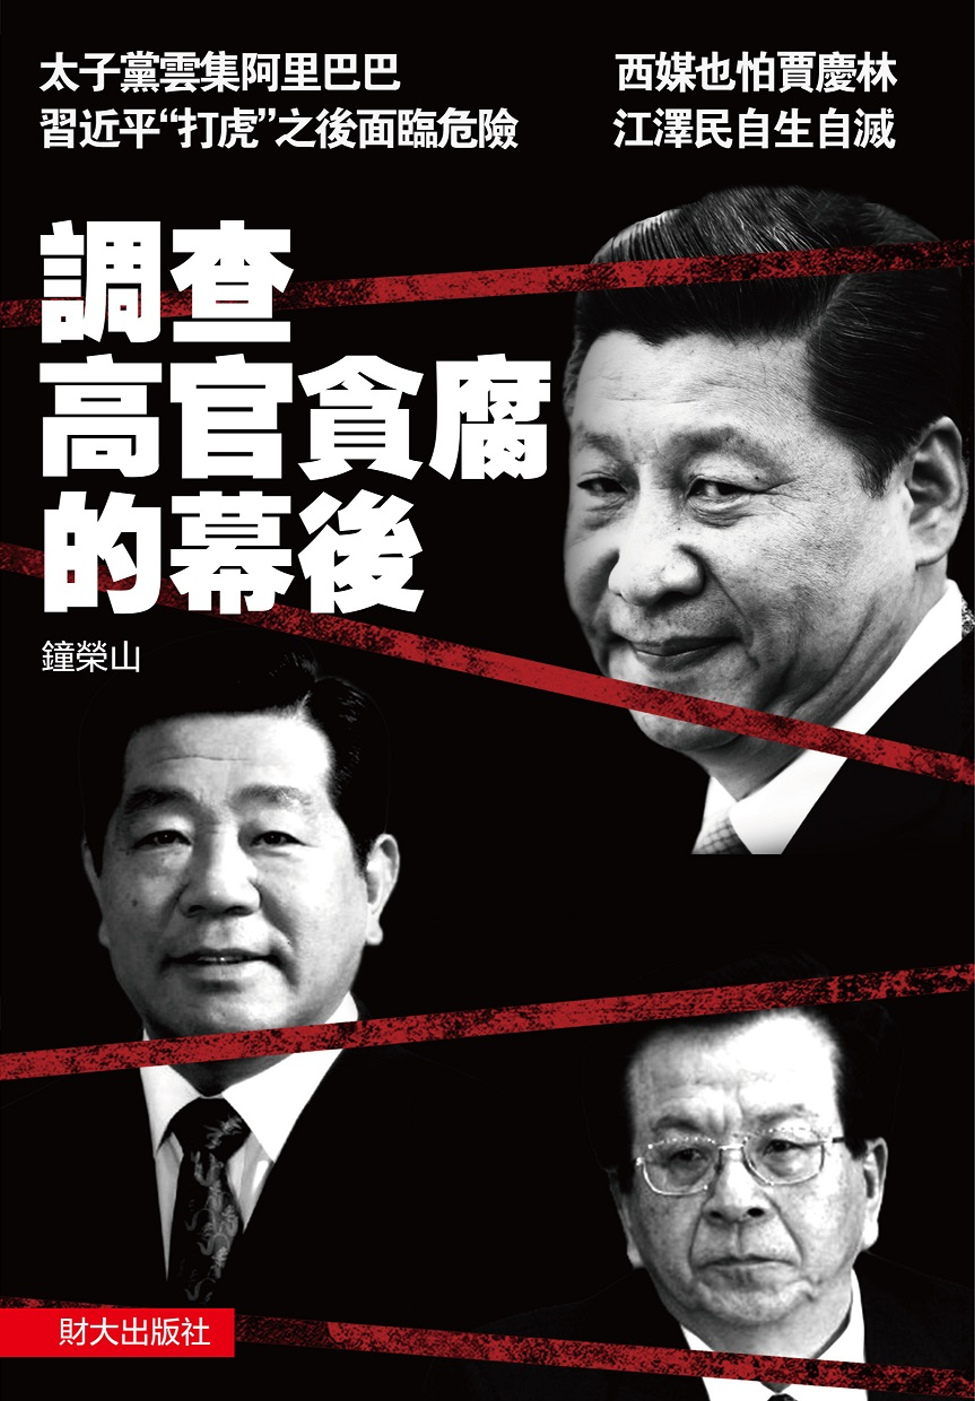 調查高官貪腐的幕後